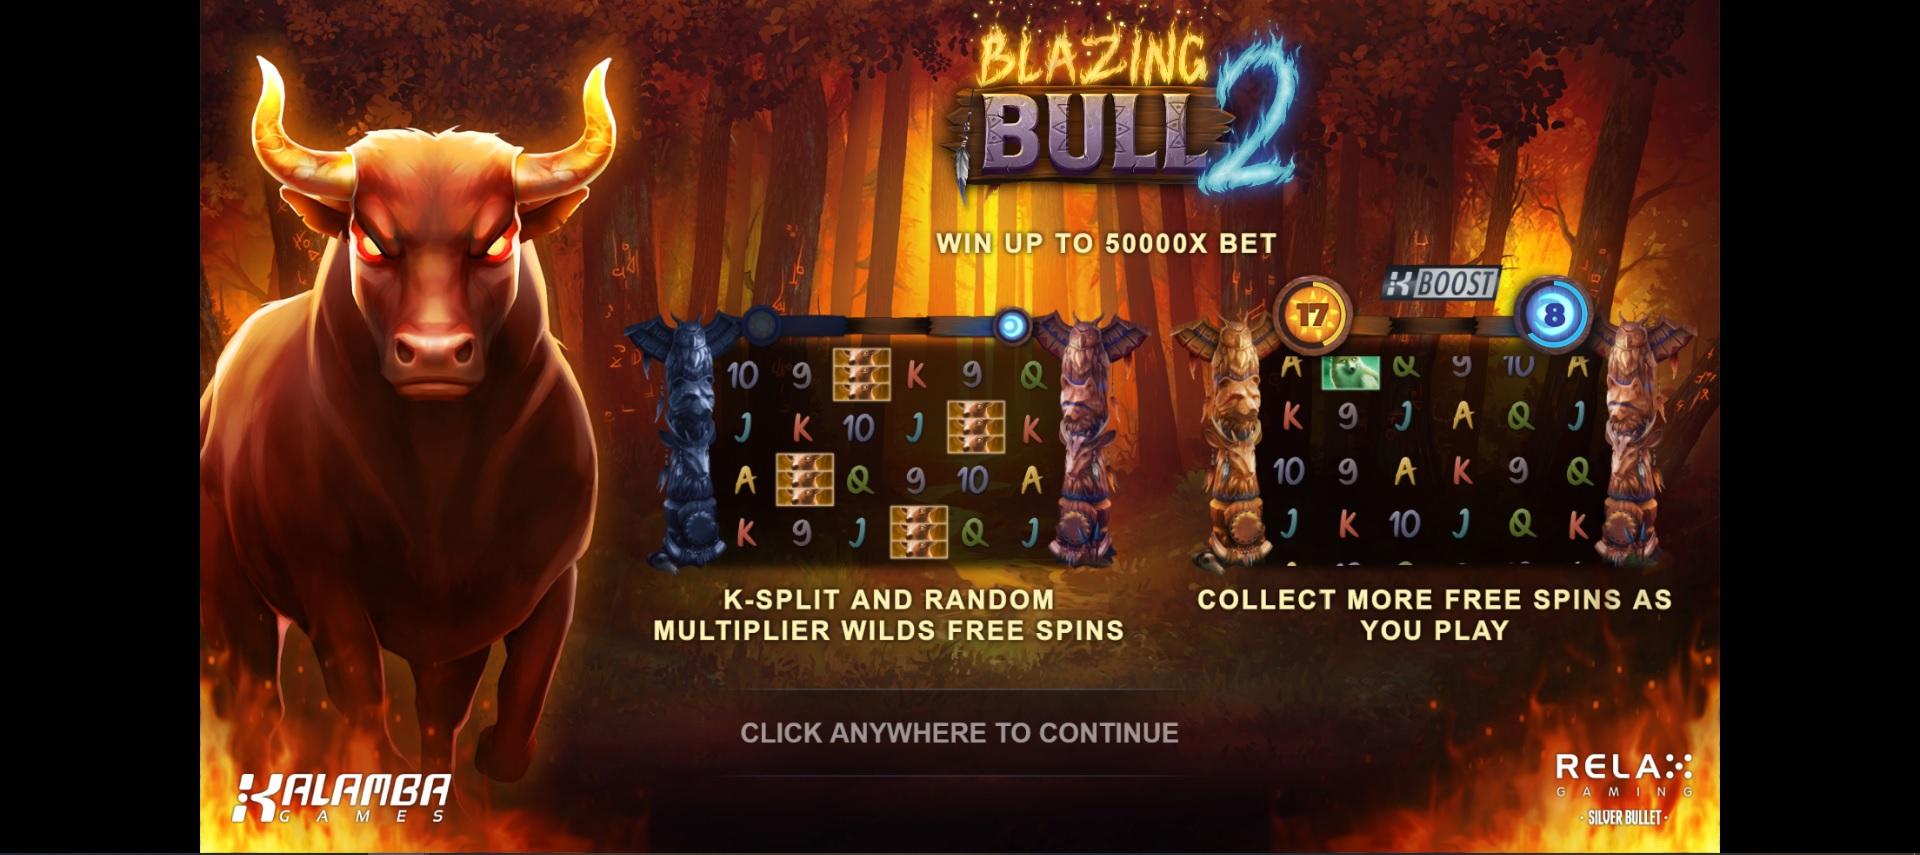 Blazing Bull 2 Splash Screen